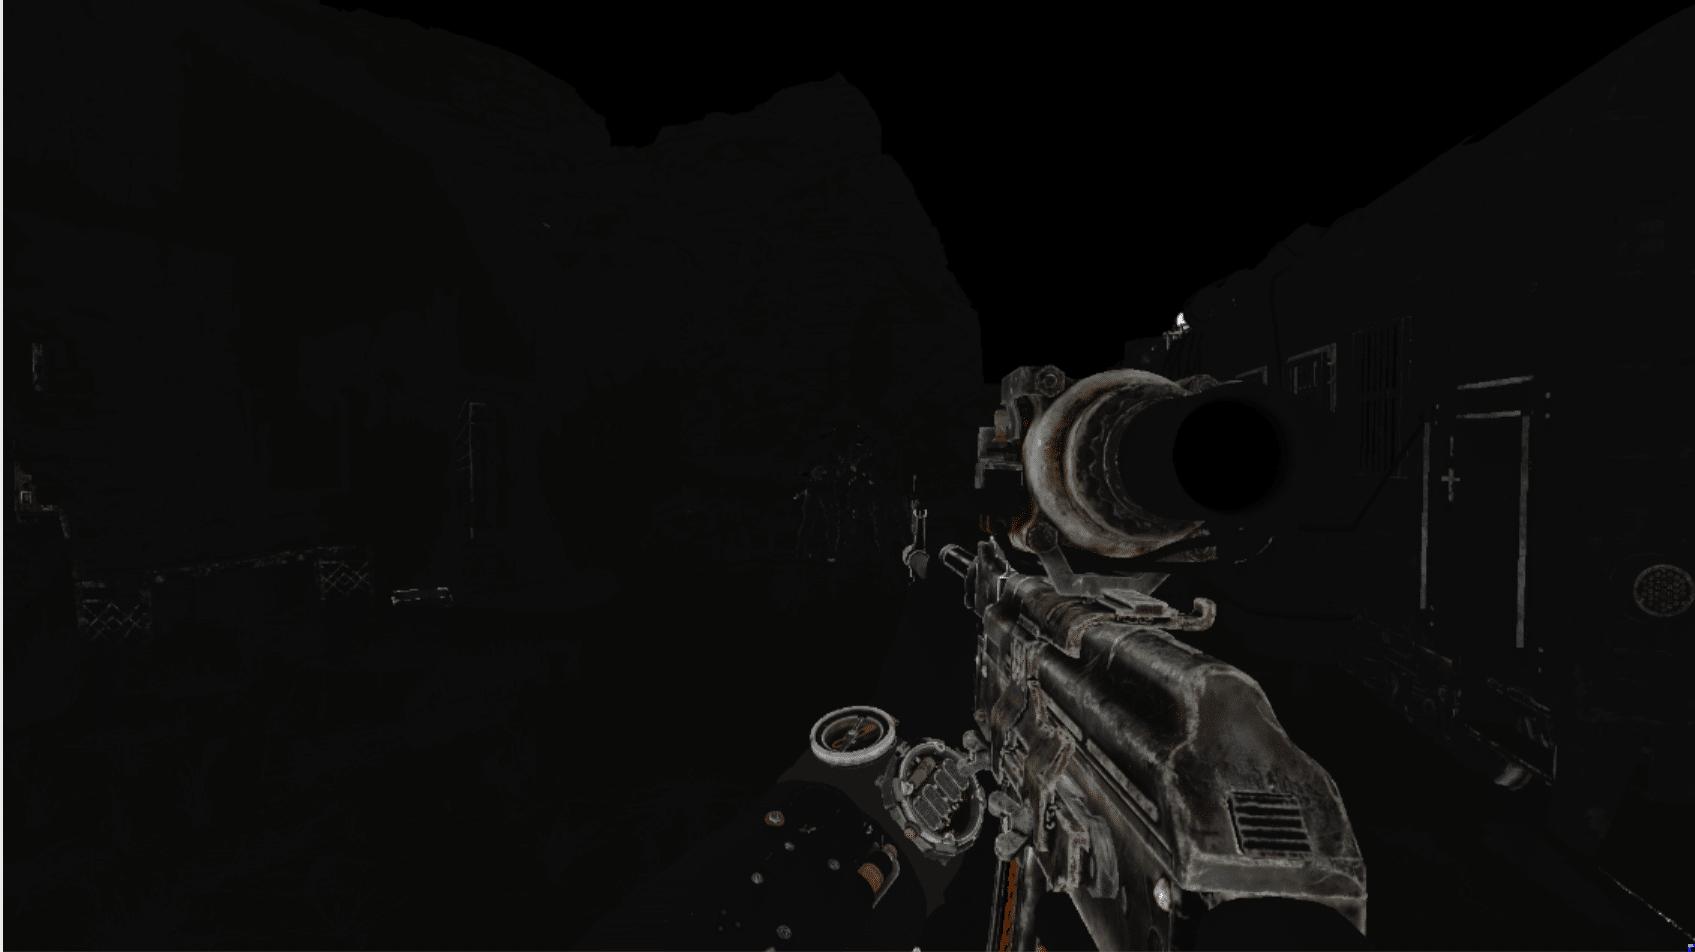 Особенности рендеринга в игре Metro: Exodus c raytracing - 27